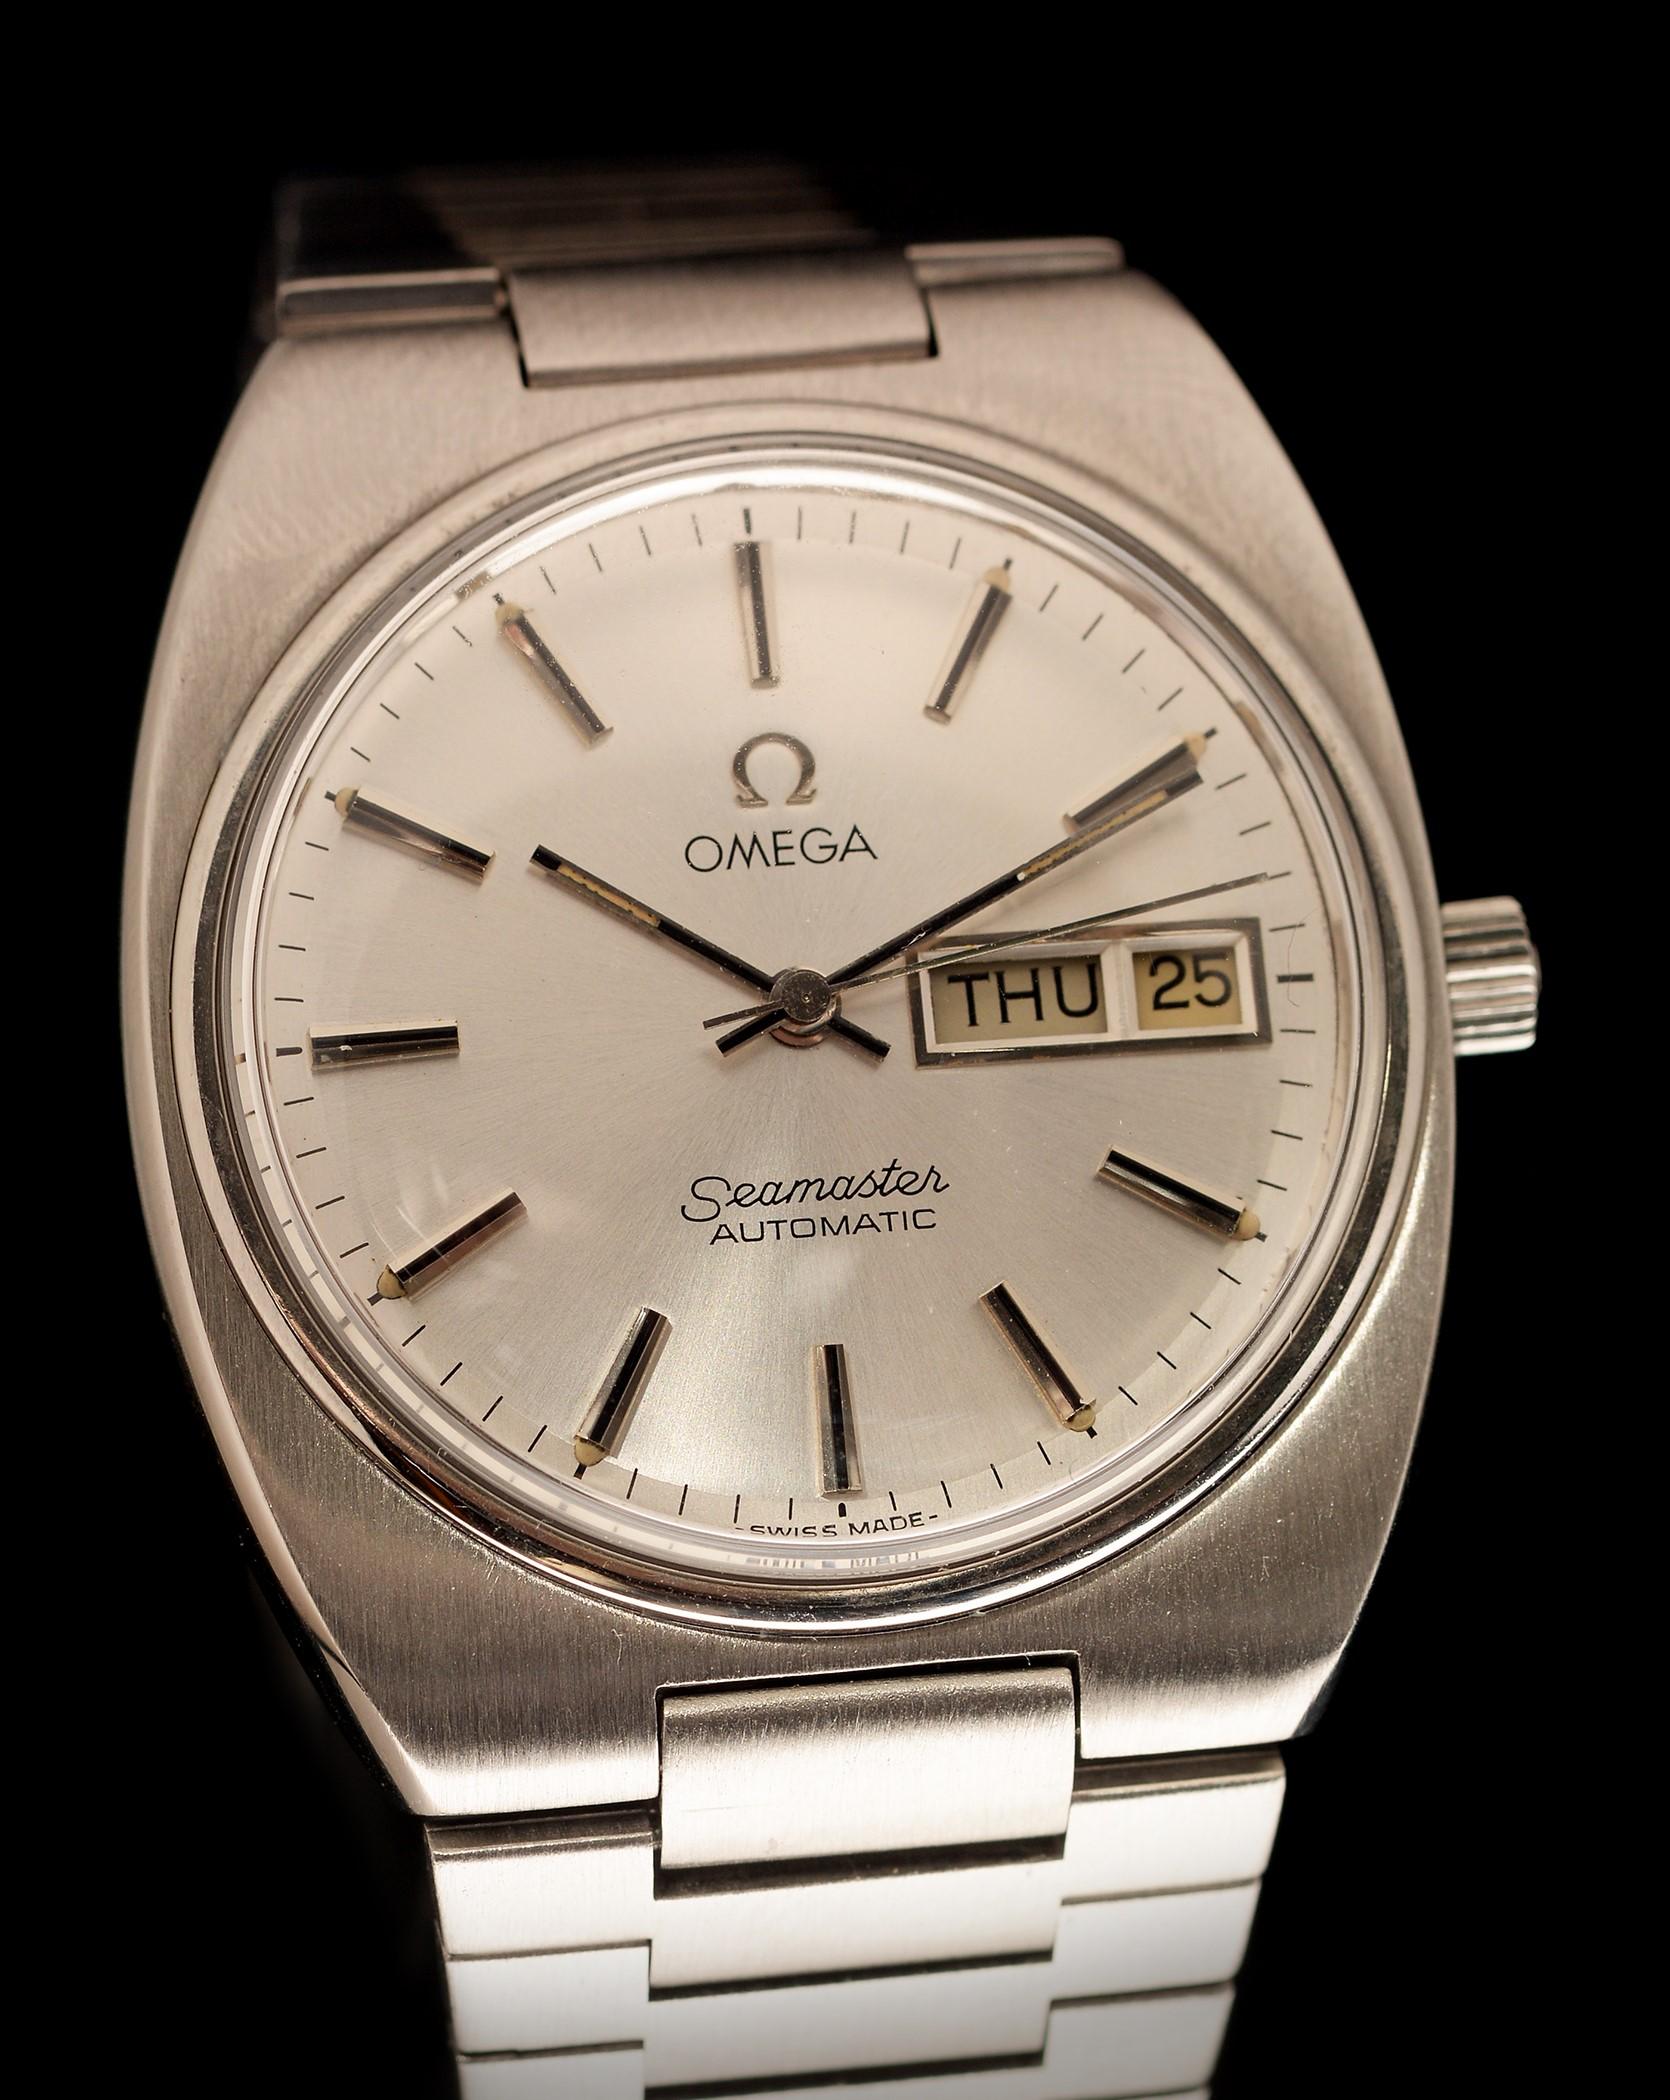 Lot 13 - Omega Seamaster automatic wristwatch